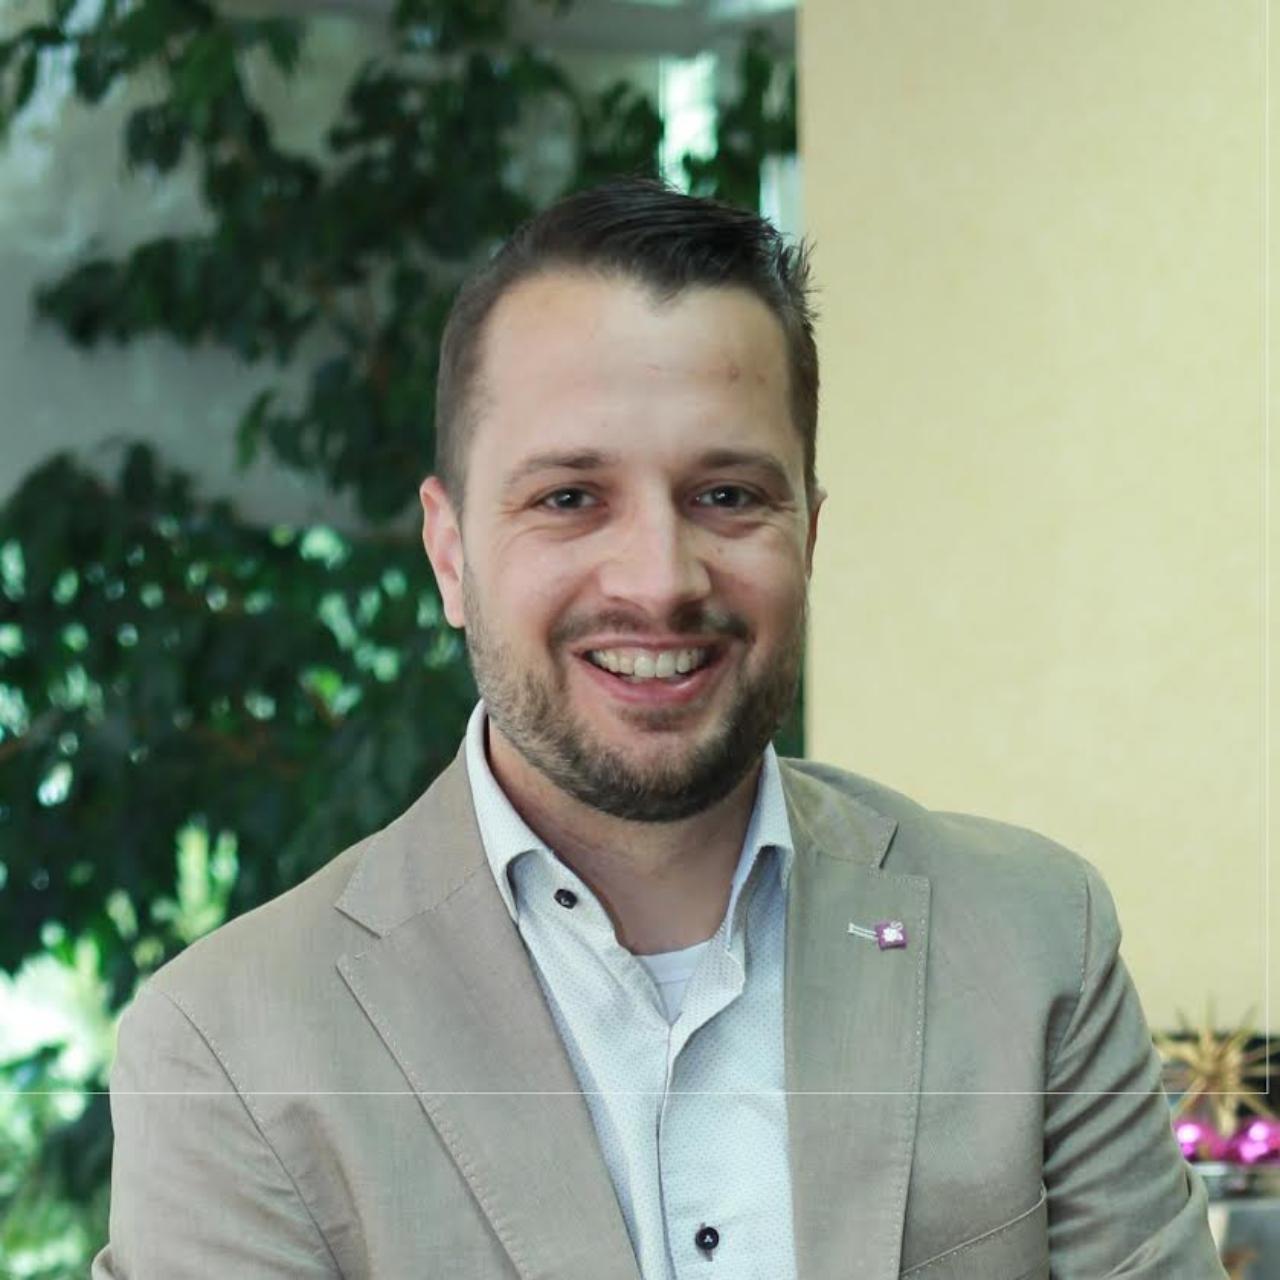 บาส เดอ โวส ผู้อำนวยการกลุ่มนักคิดด้านเทคโนโลยีภายในองค์กร ของ ไอเอฟเอส แลบส์ บริษัท ไอเอฟเอส